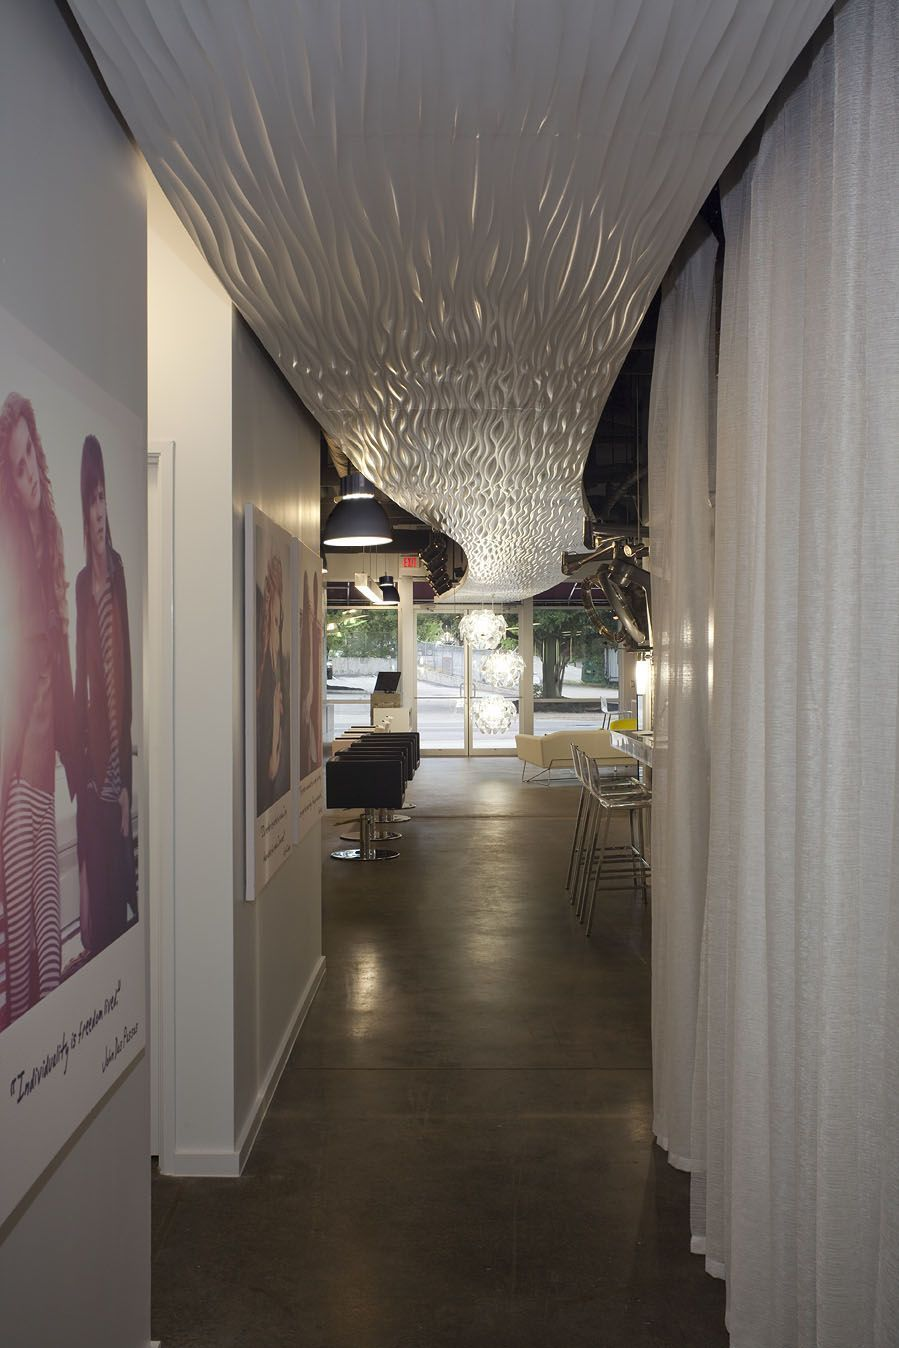 Quedamos en la peluquería  Hair salon interior, Commercial